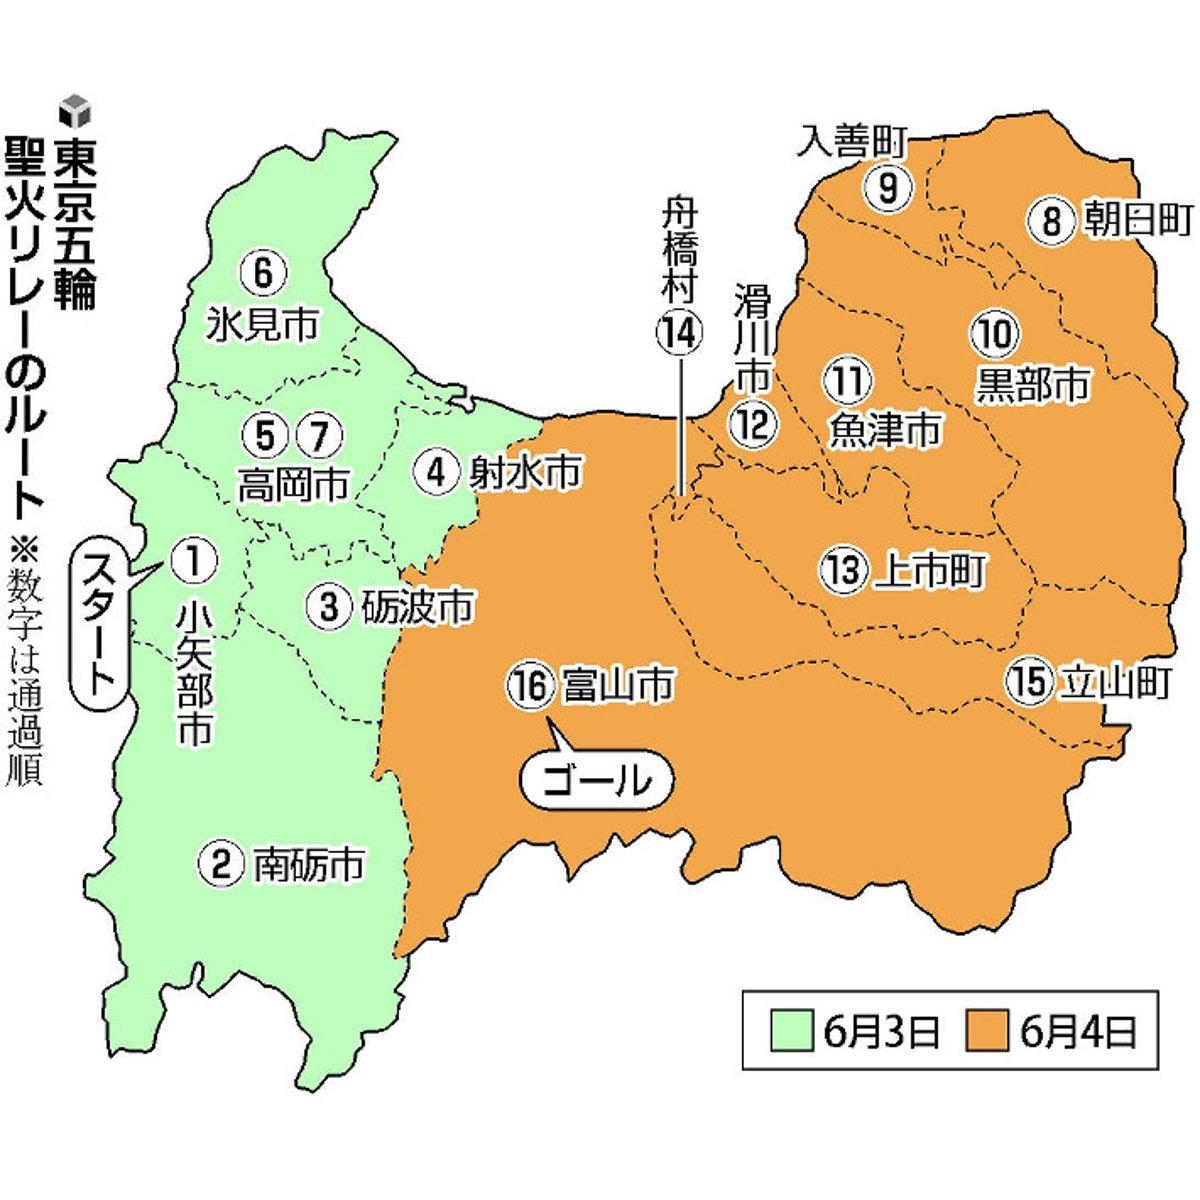 富山 コロナ 速報 ウイルス 県